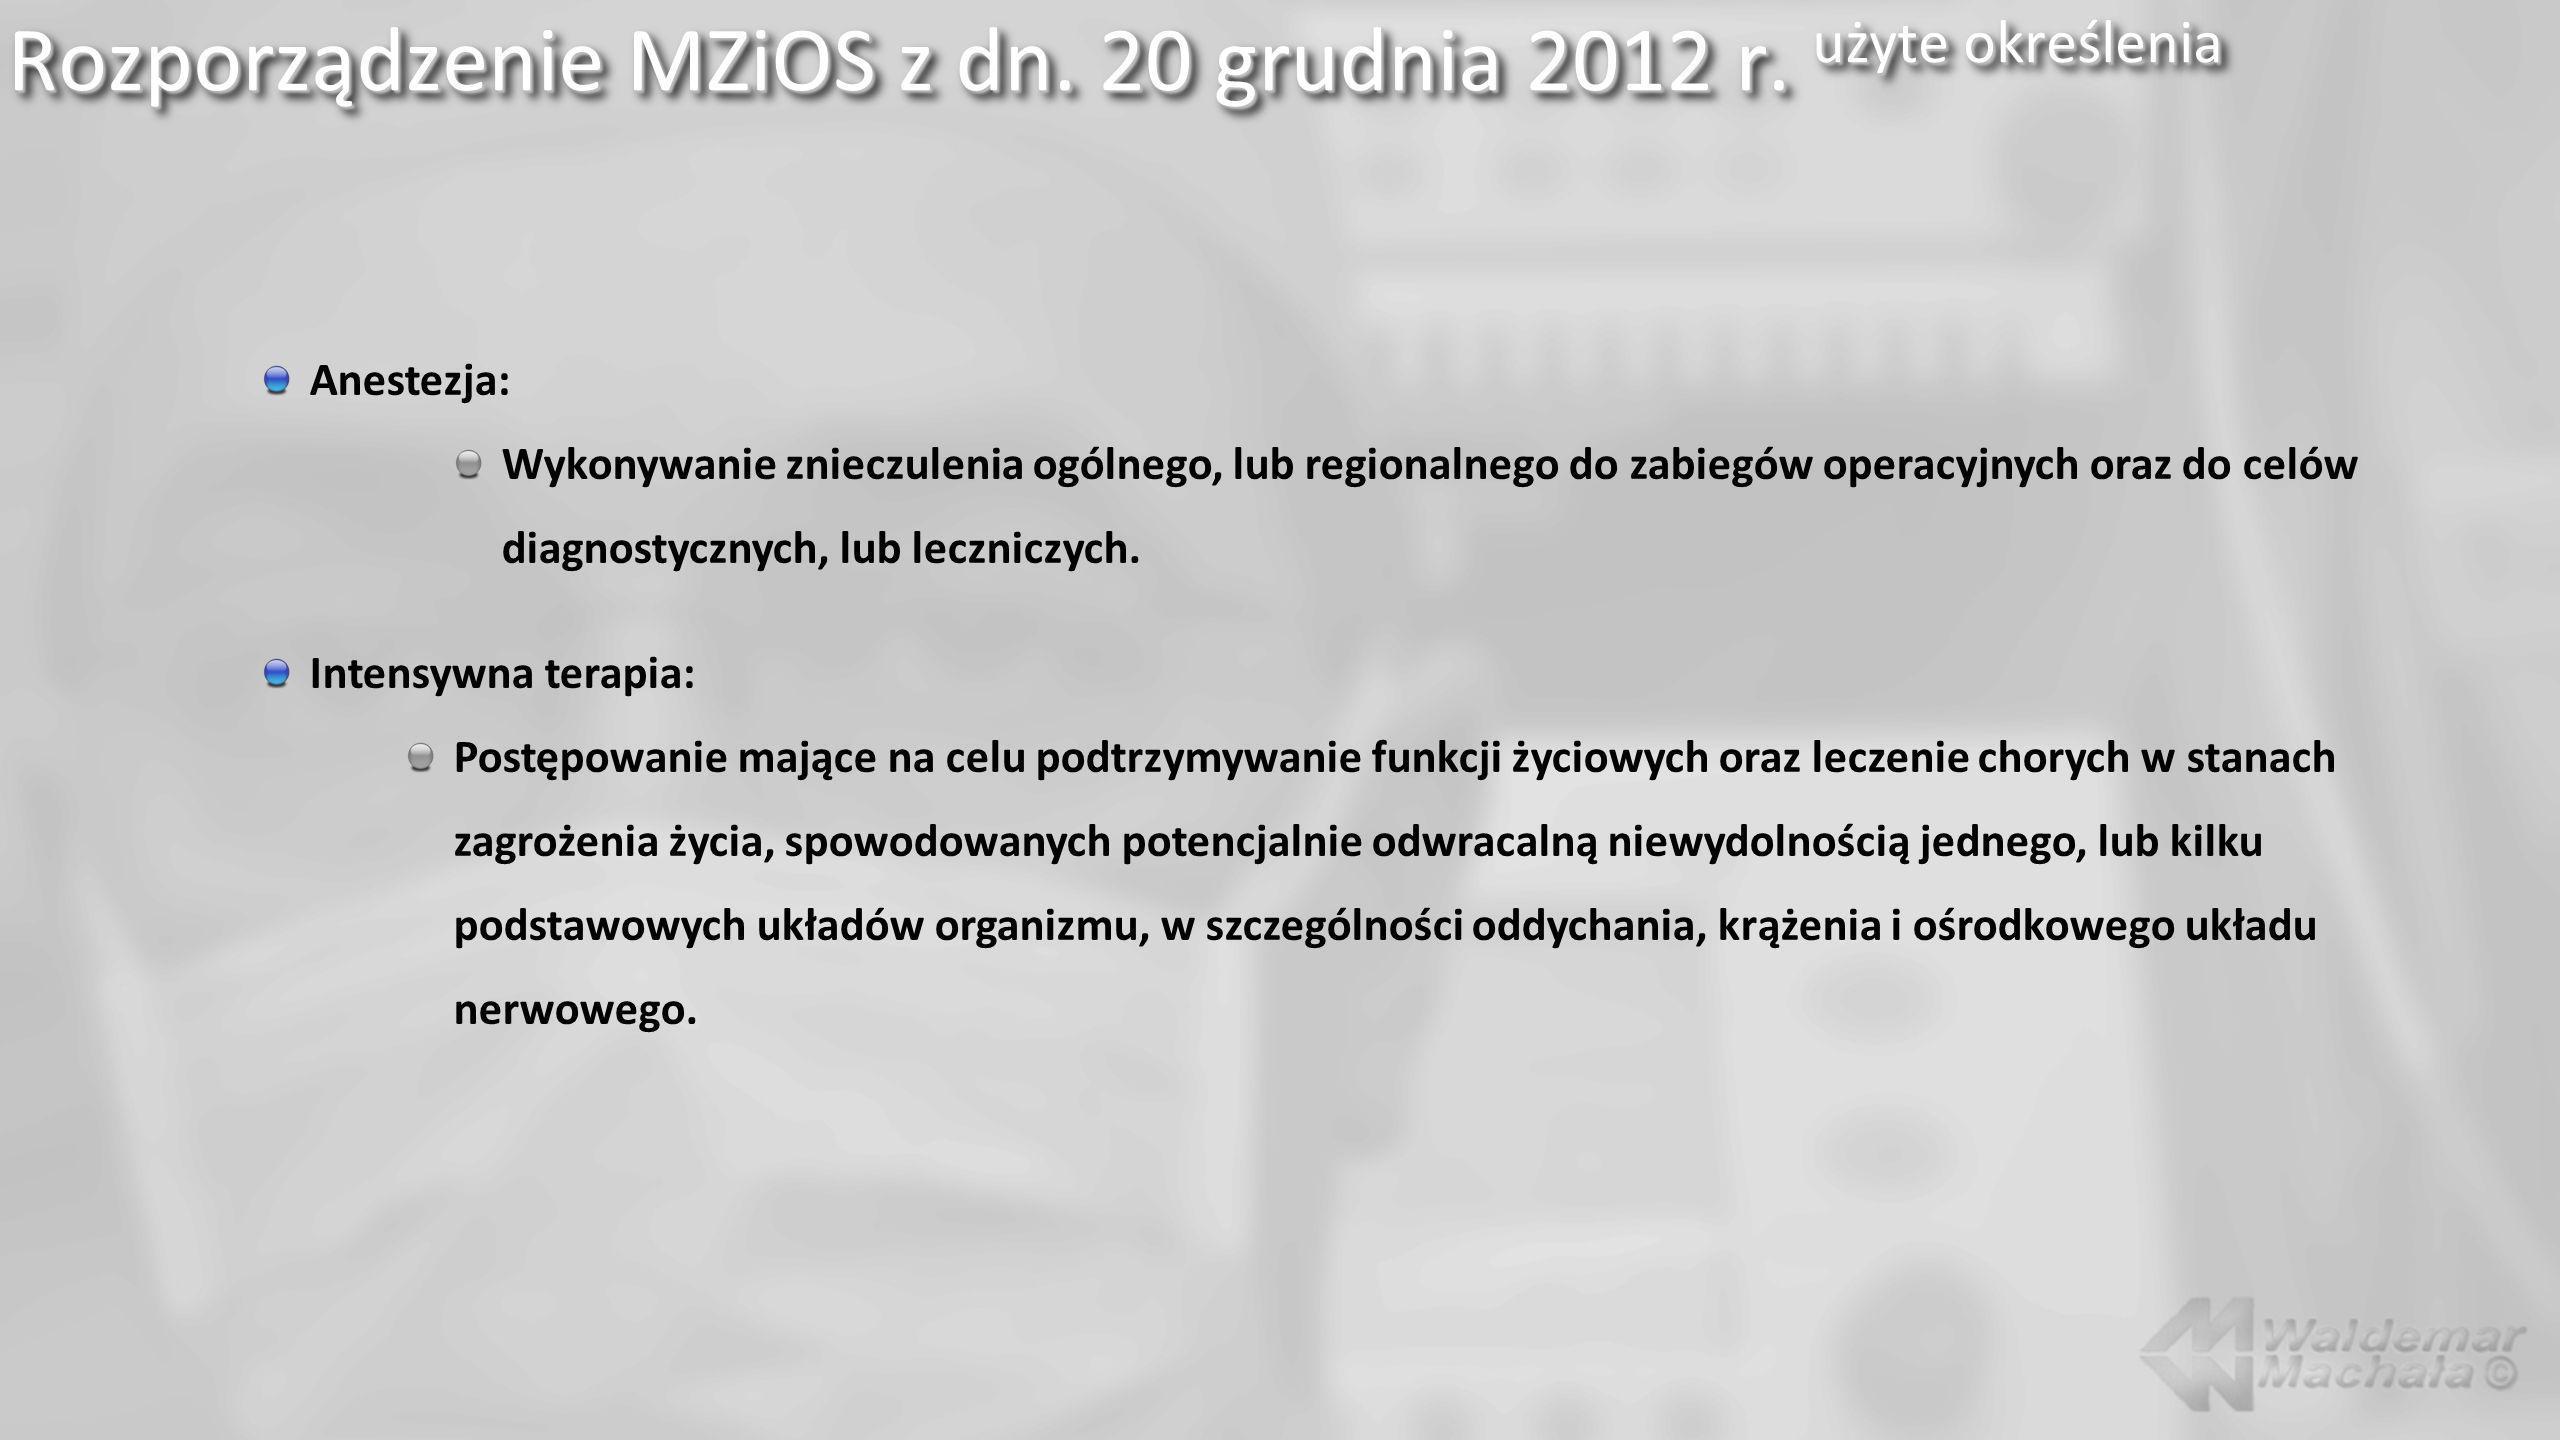 Rozporządzenie MZiOS z dn. 20 grudnia 2012 r. Cz. 1: Warunki ogólne dla OAiIT w szpitalu